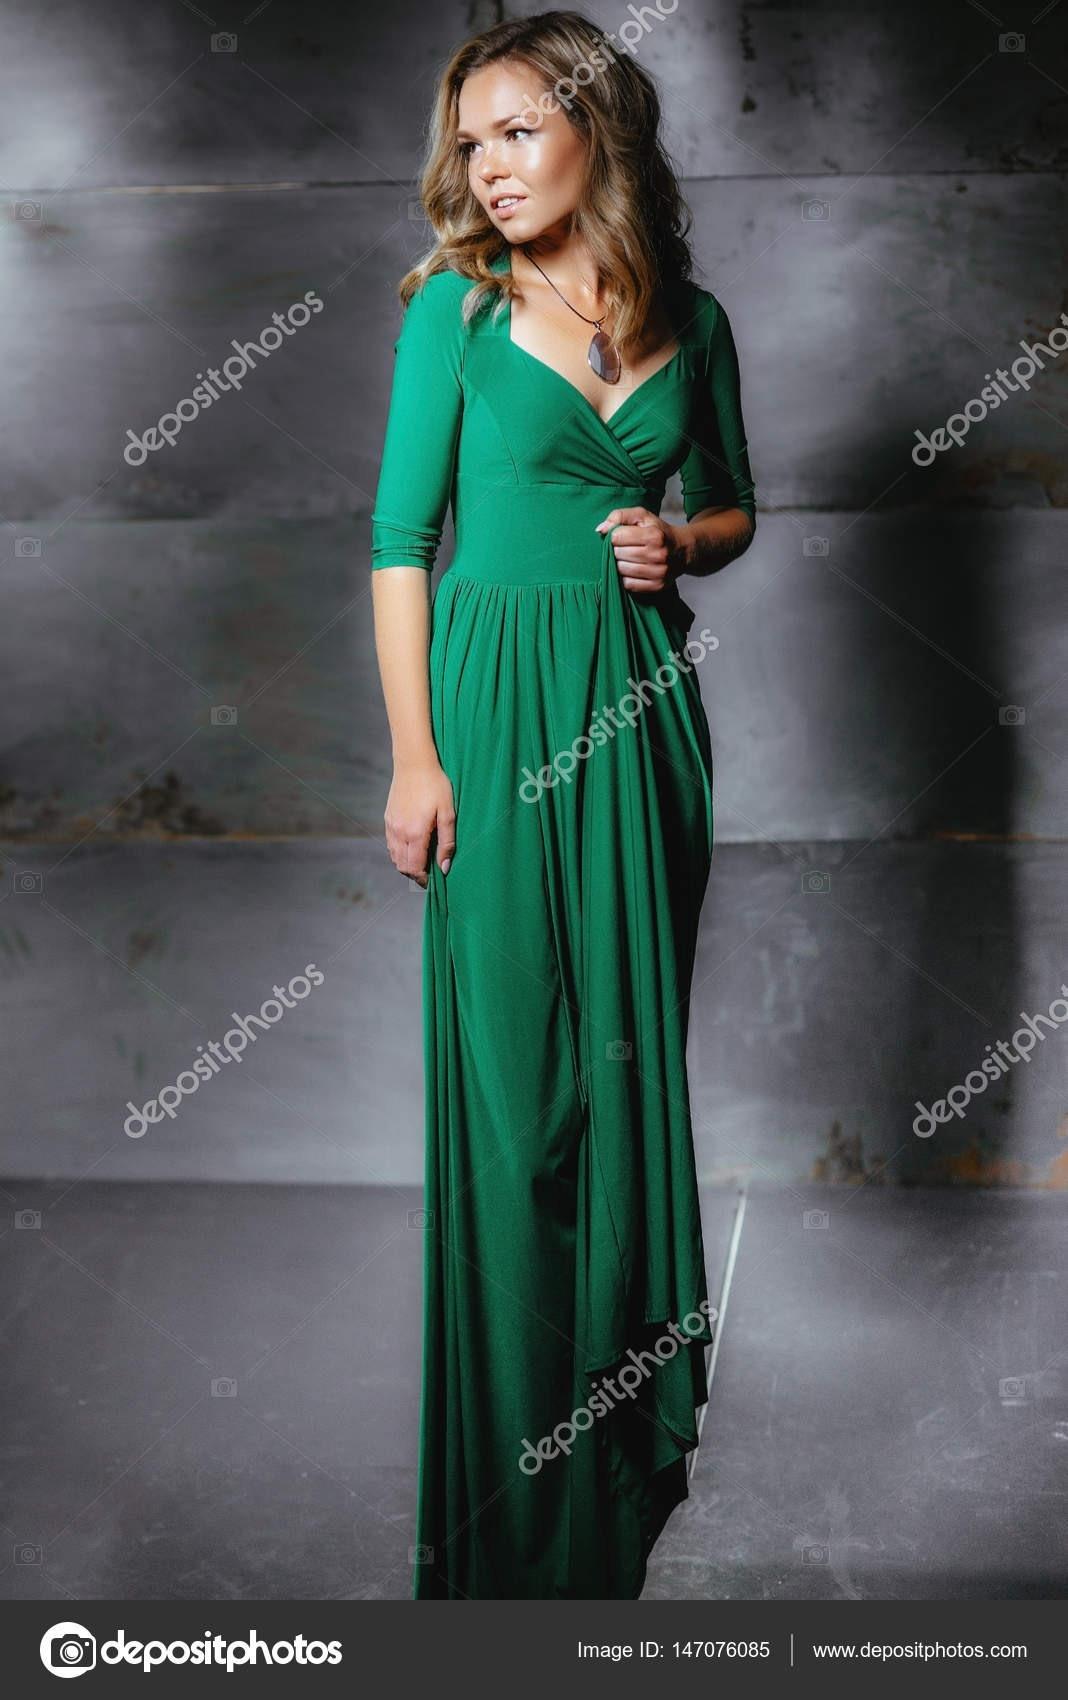 15 Kreativ Schönes Grünes Kleid Ärmel17 Luxurius Schönes Grünes Kleid Vertrieb